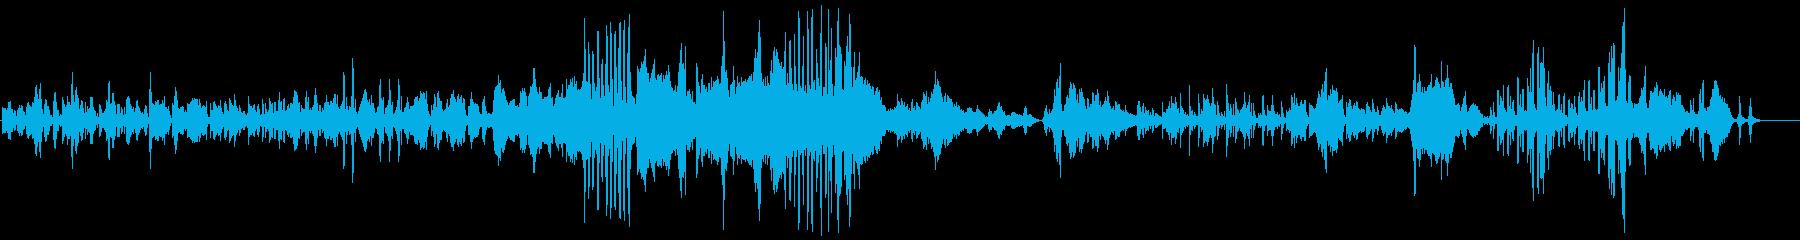 ブラームス/ヴァイオリン・ソナタ3-3の再生済みの波形